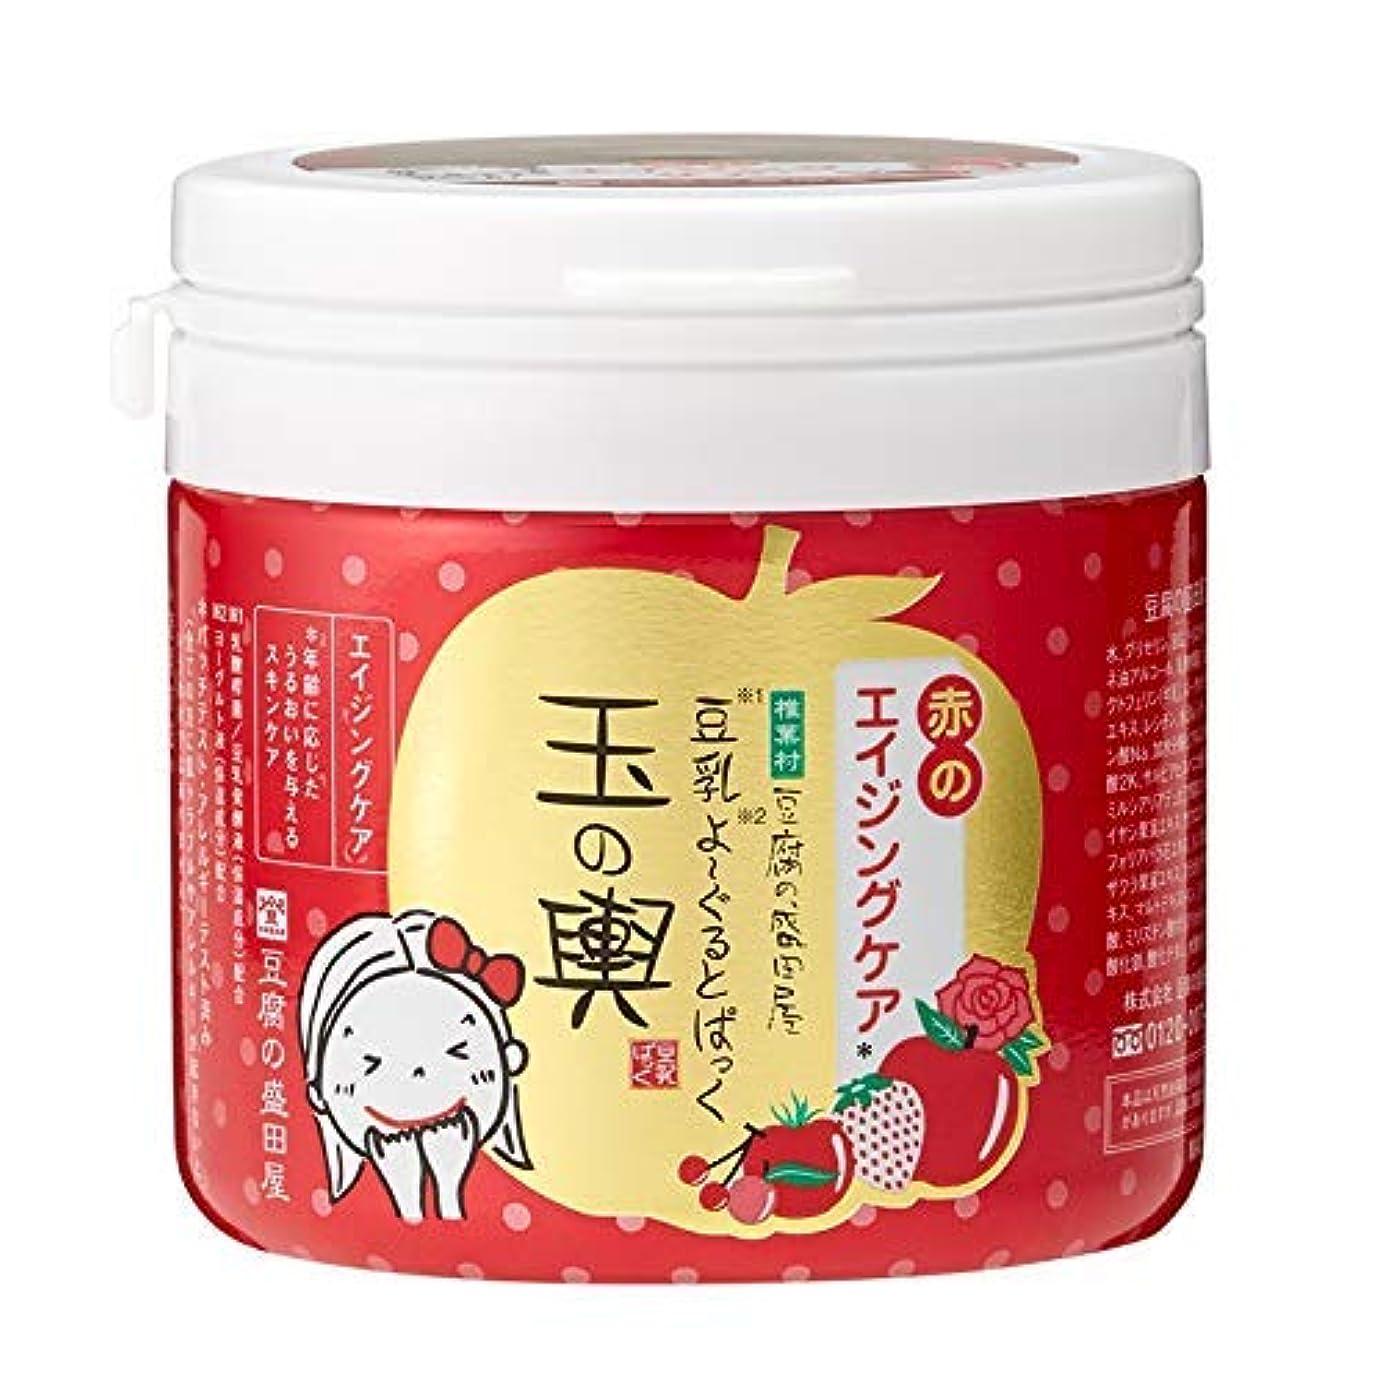 出発するデータ重要な役割を果たす、中心的な手段となる豆腐の盛田屋 豆乳よーぐるとぱっく 玉の輿 赤のエイジングケア 150g